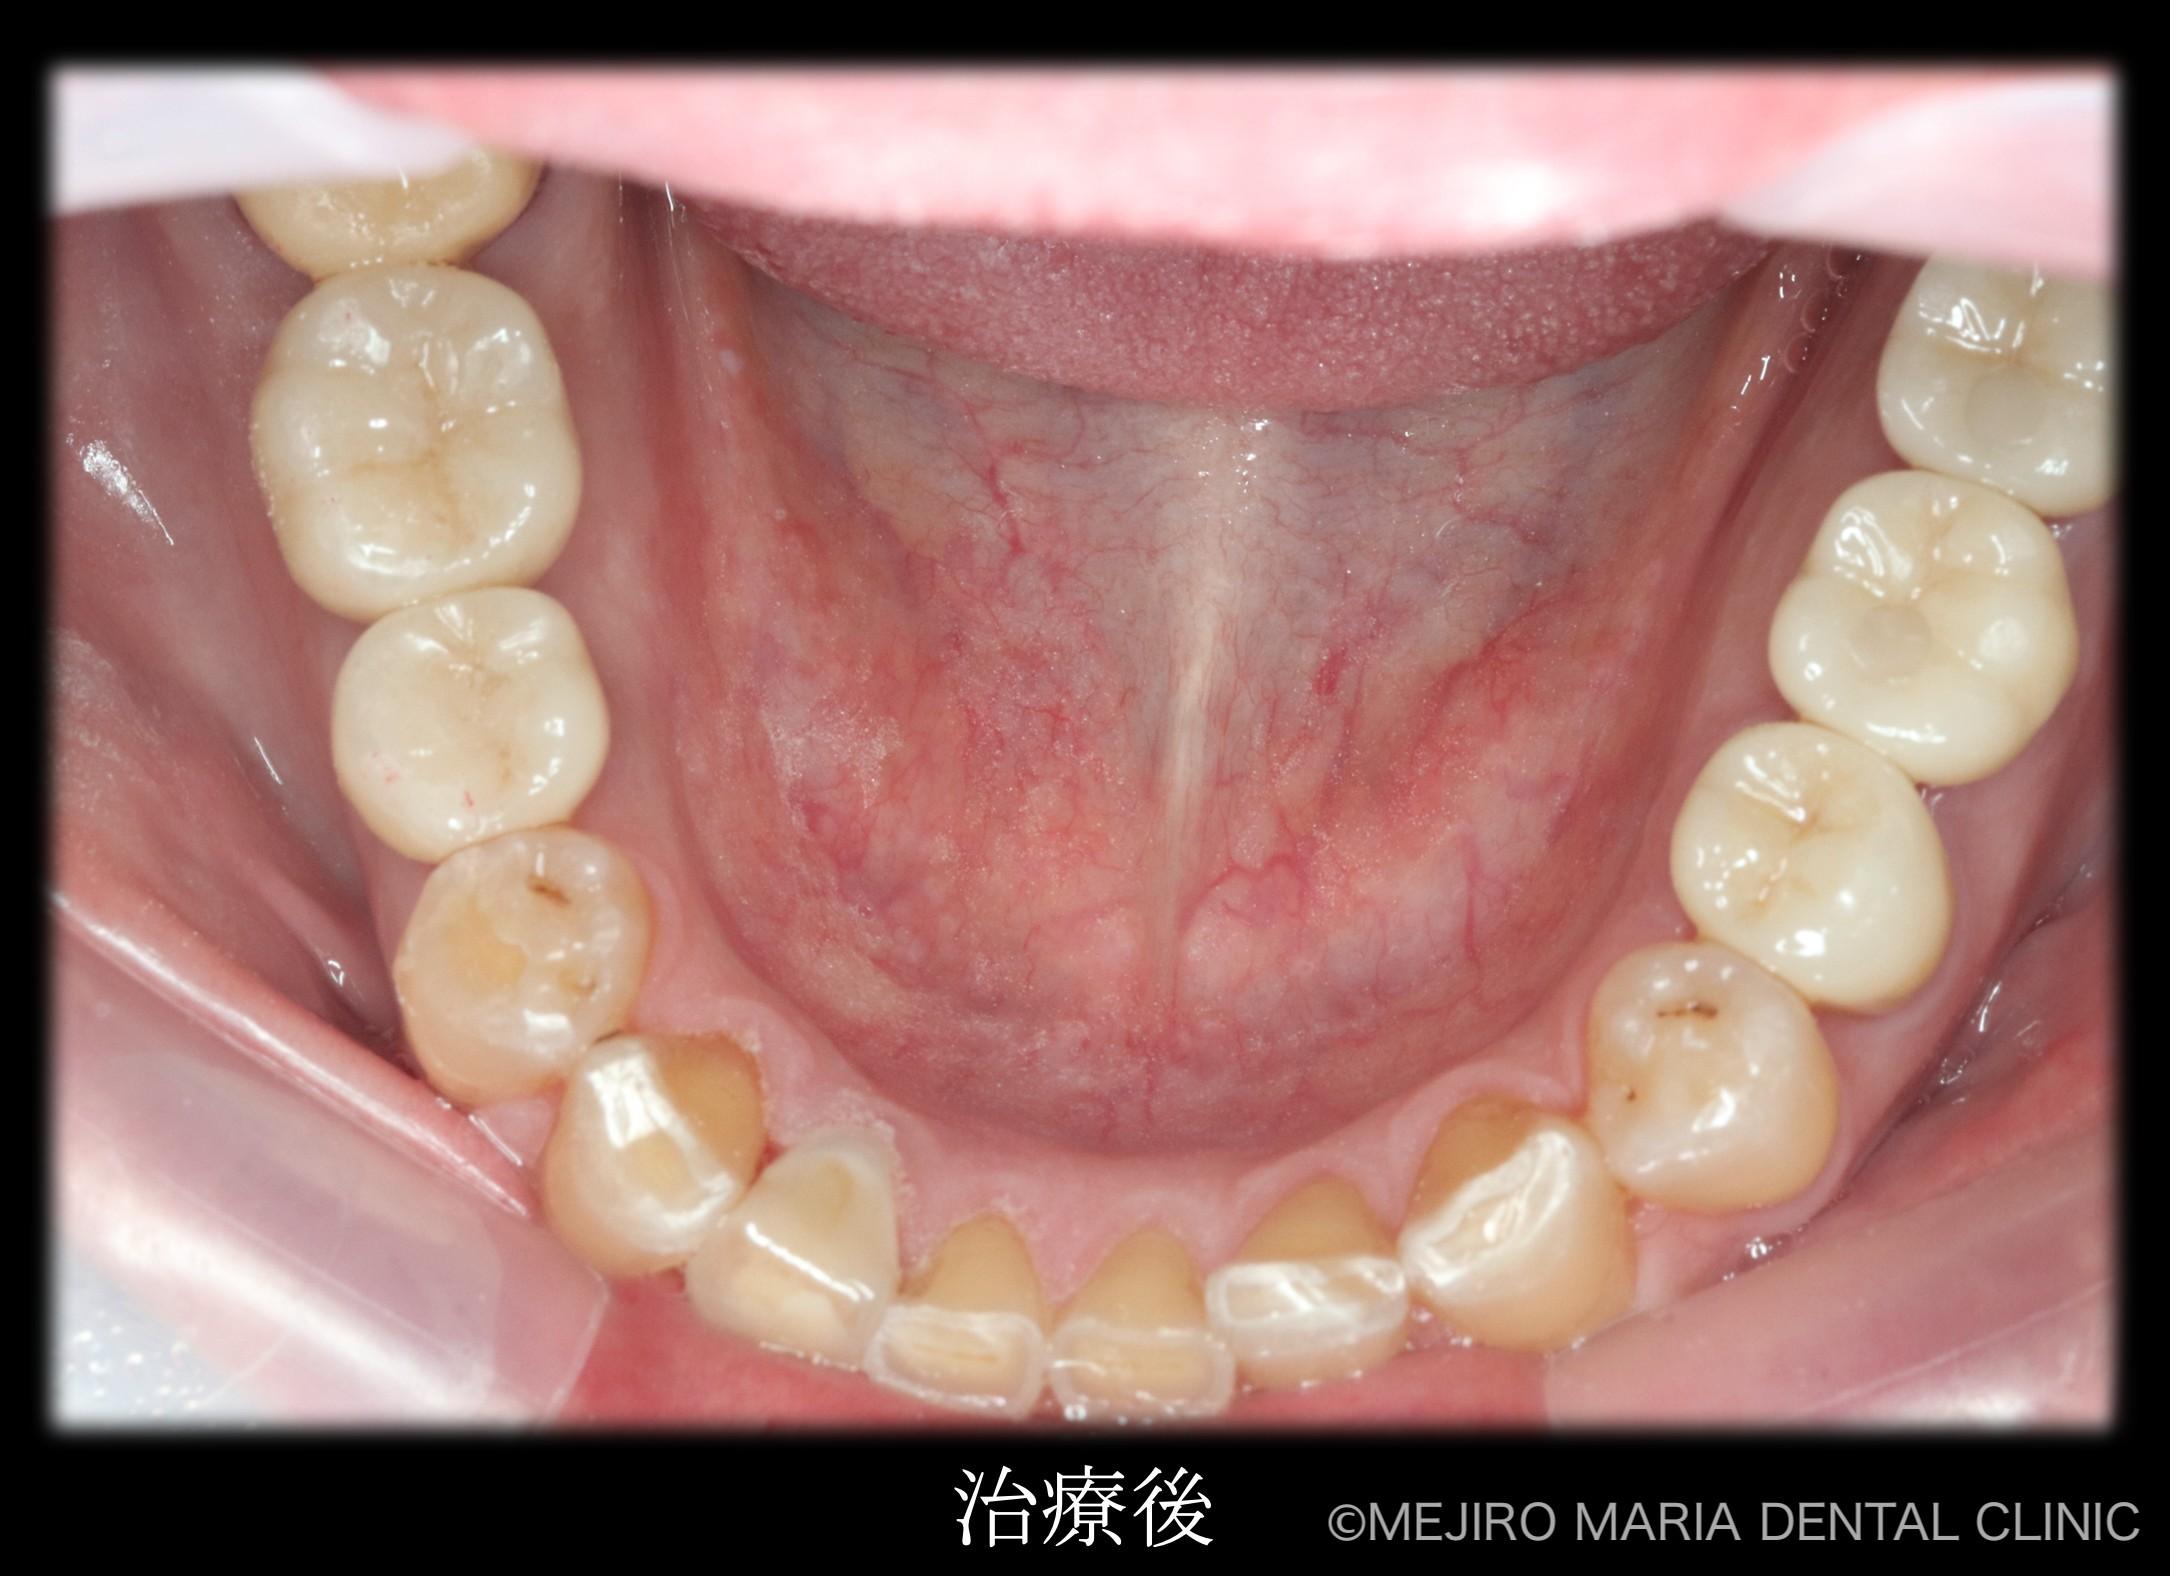 目白マリア歯科【症例】チーム医療で行った全顎的な治療:精密根管治療による歯の保存と咬合崩壊を防ぐインプラント治療|治療後の下部の歯の画像_治療後3